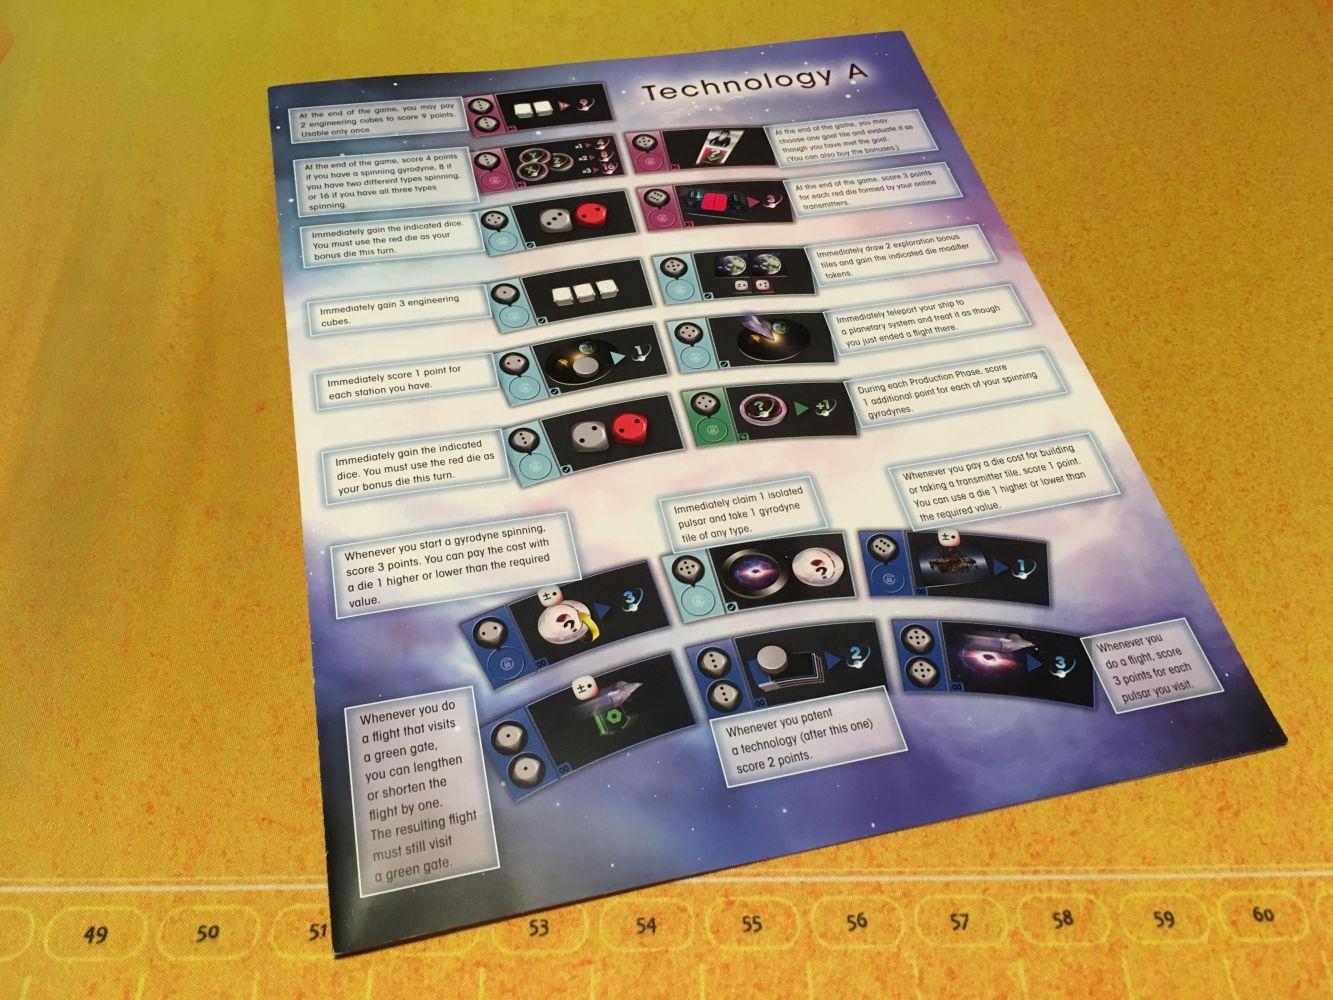 Le guide des technologies